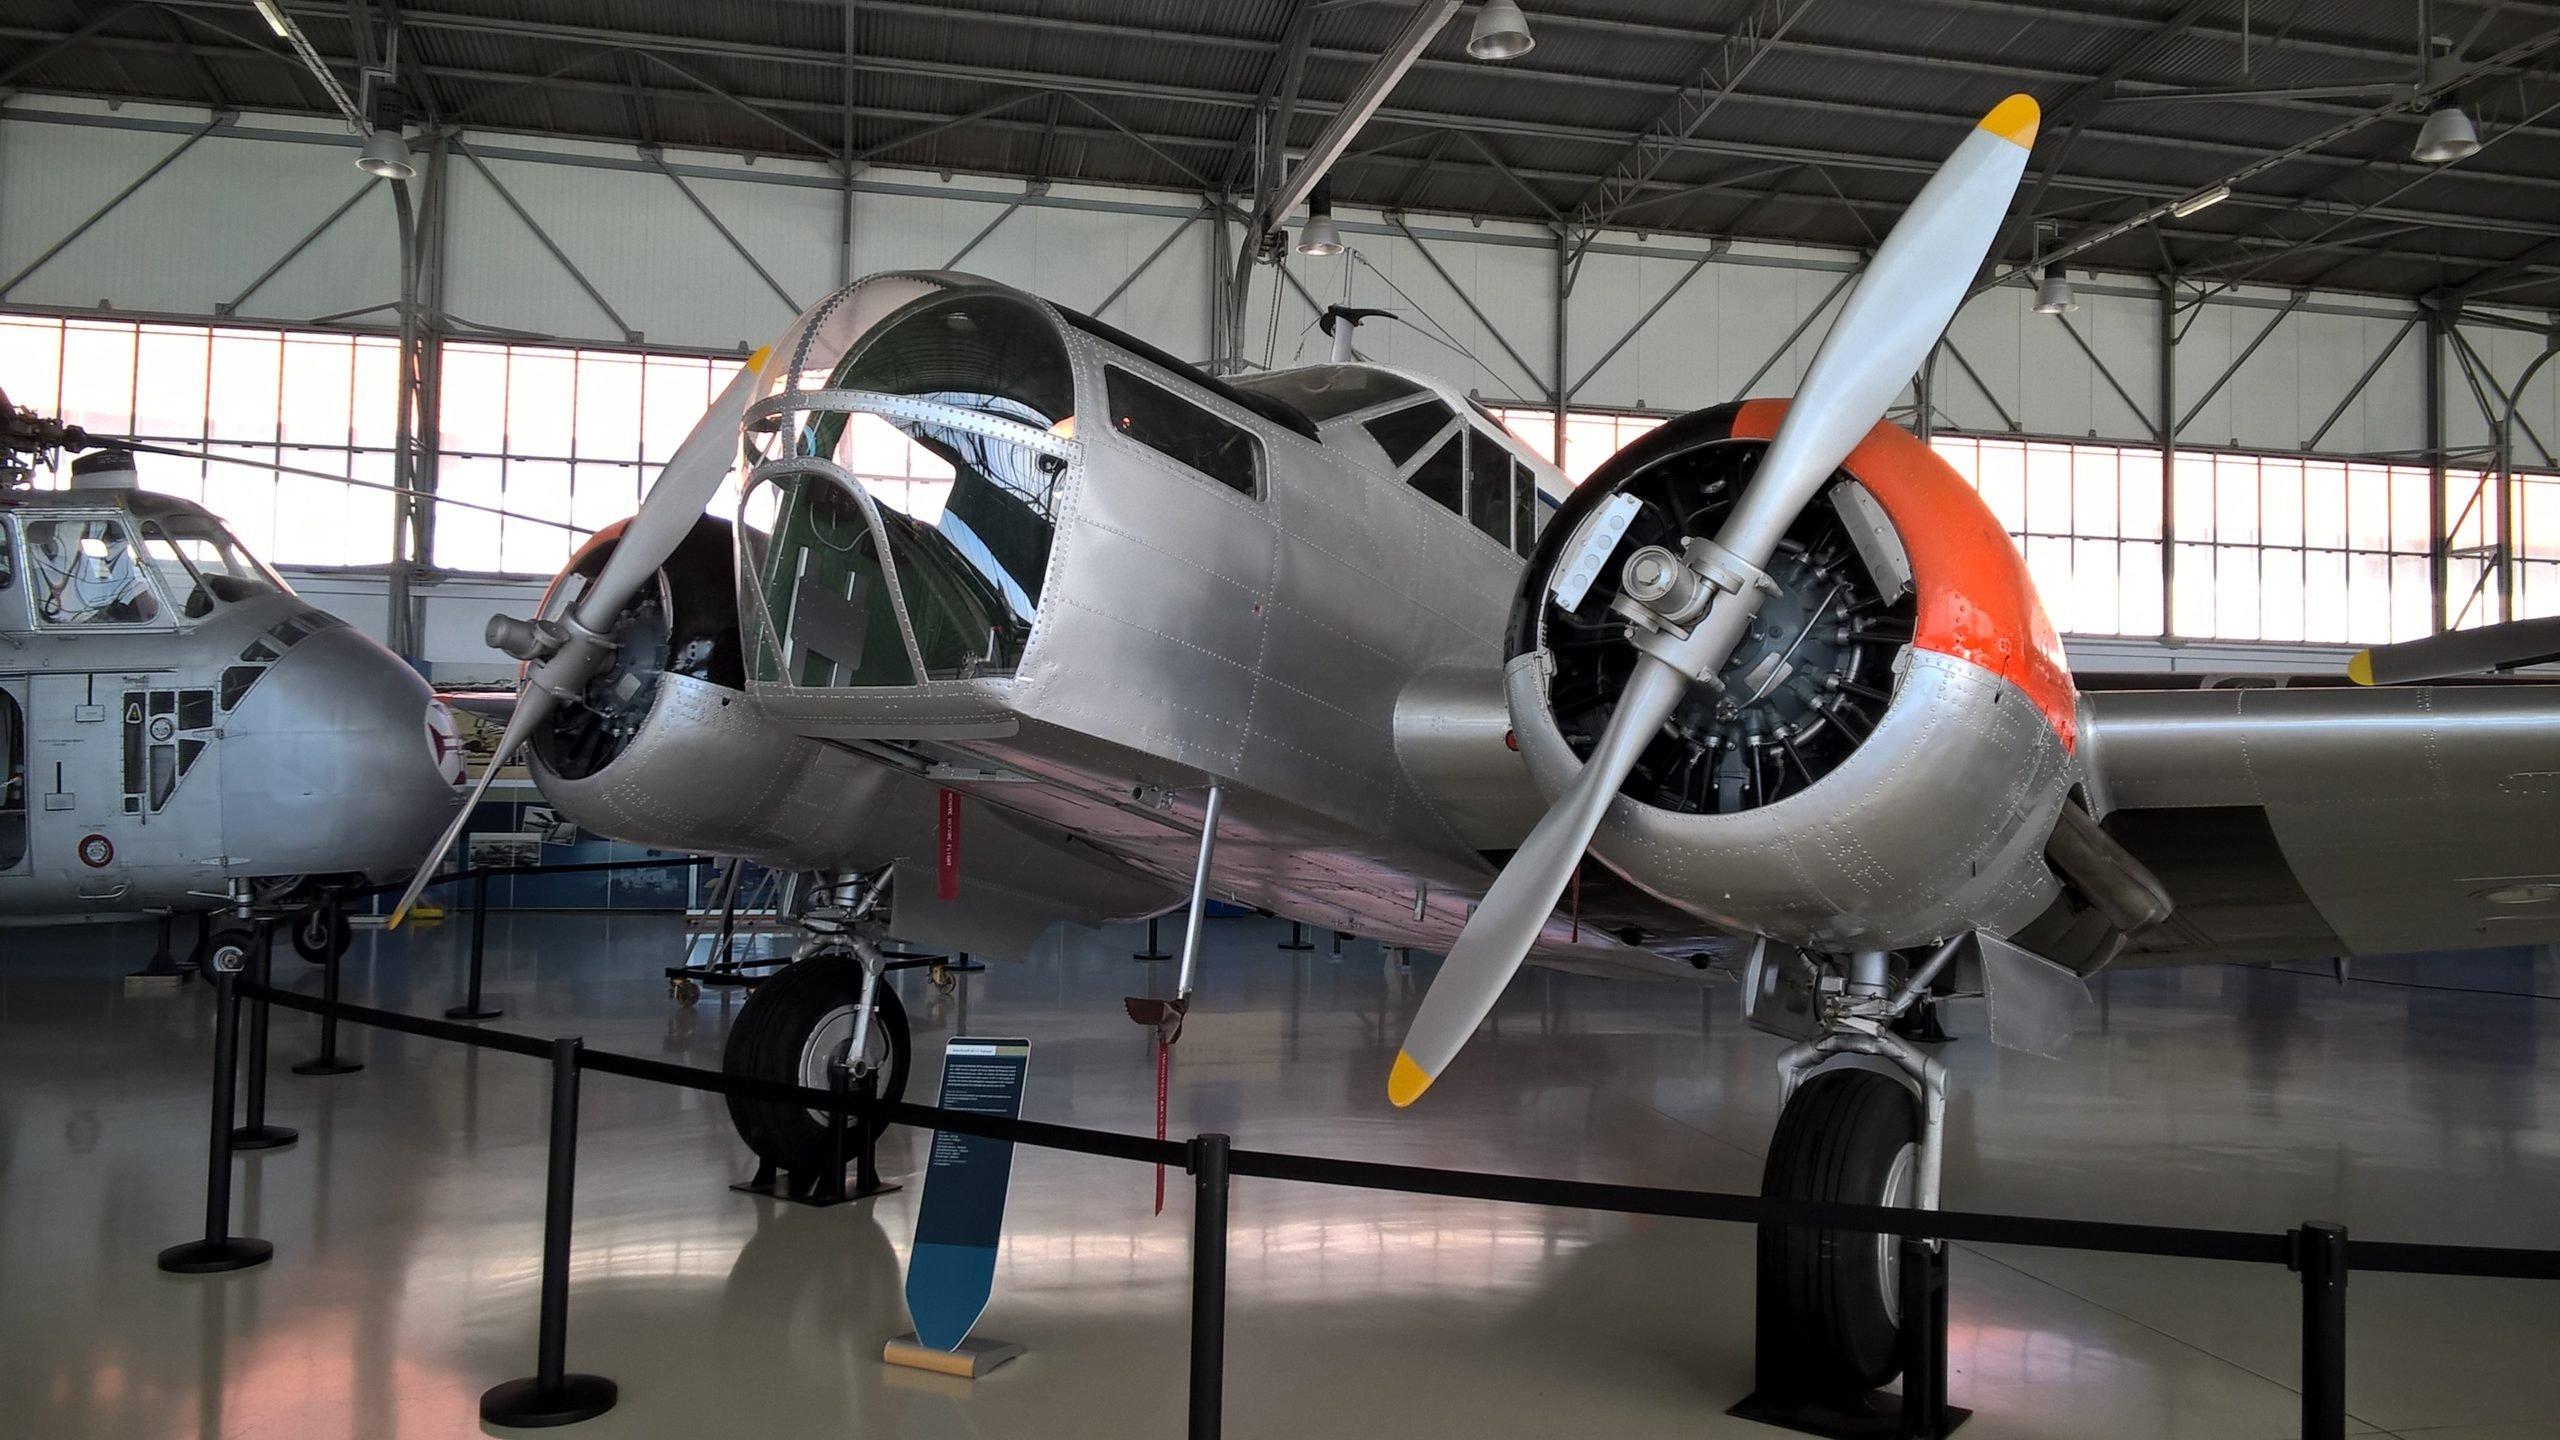 Музей авиации Португалия